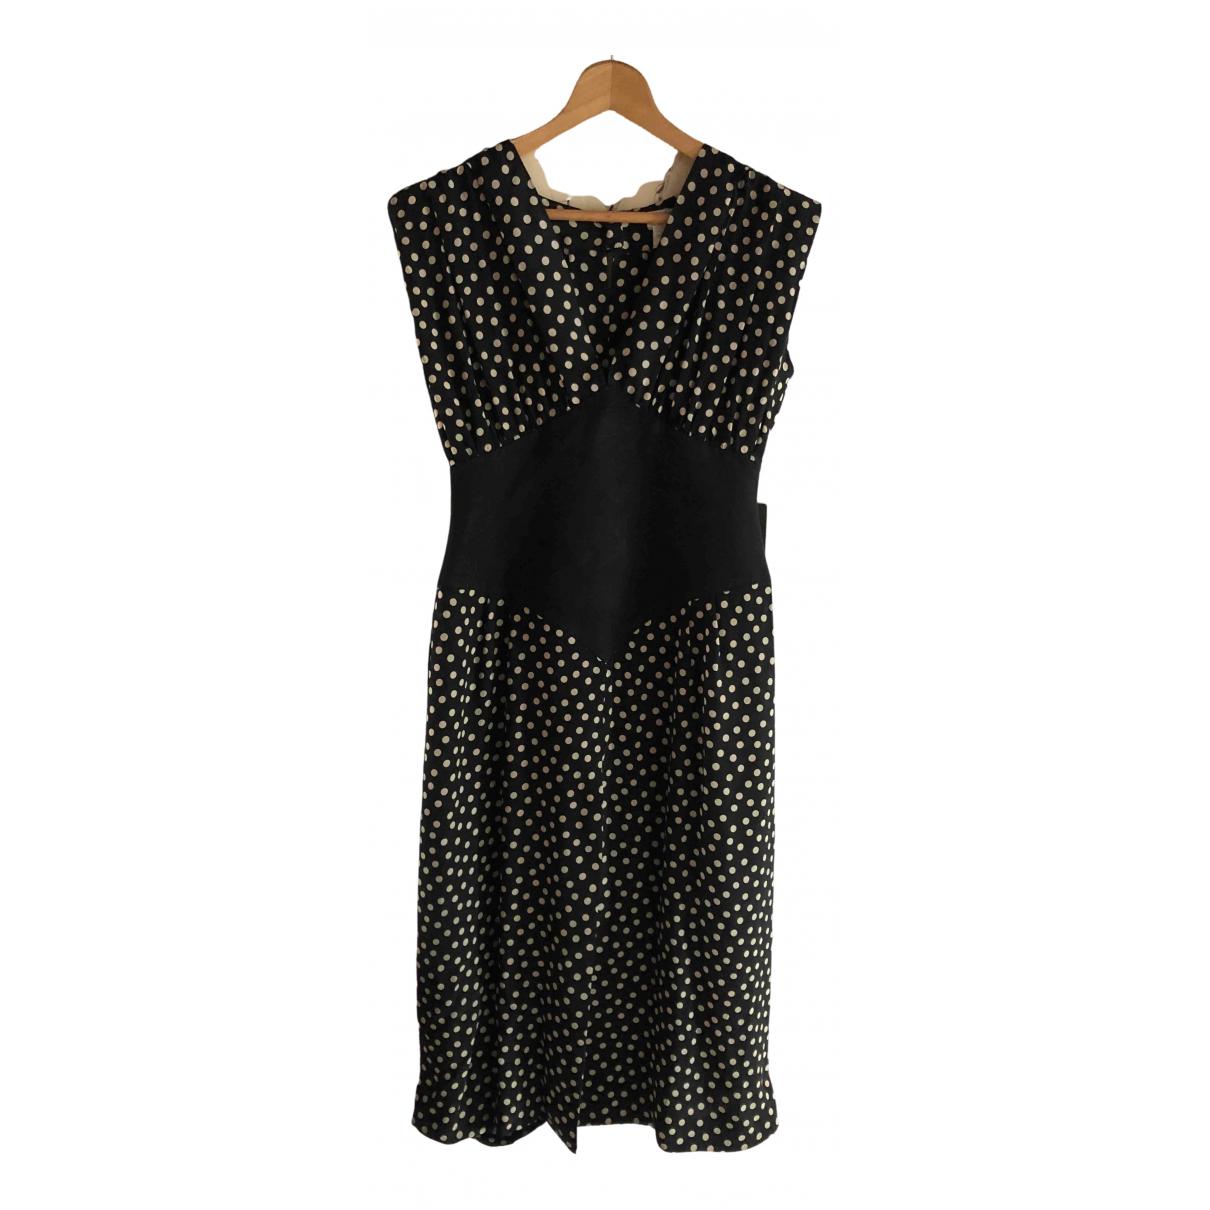 Yves Saint Laurent N Black dress for Women 44 IT